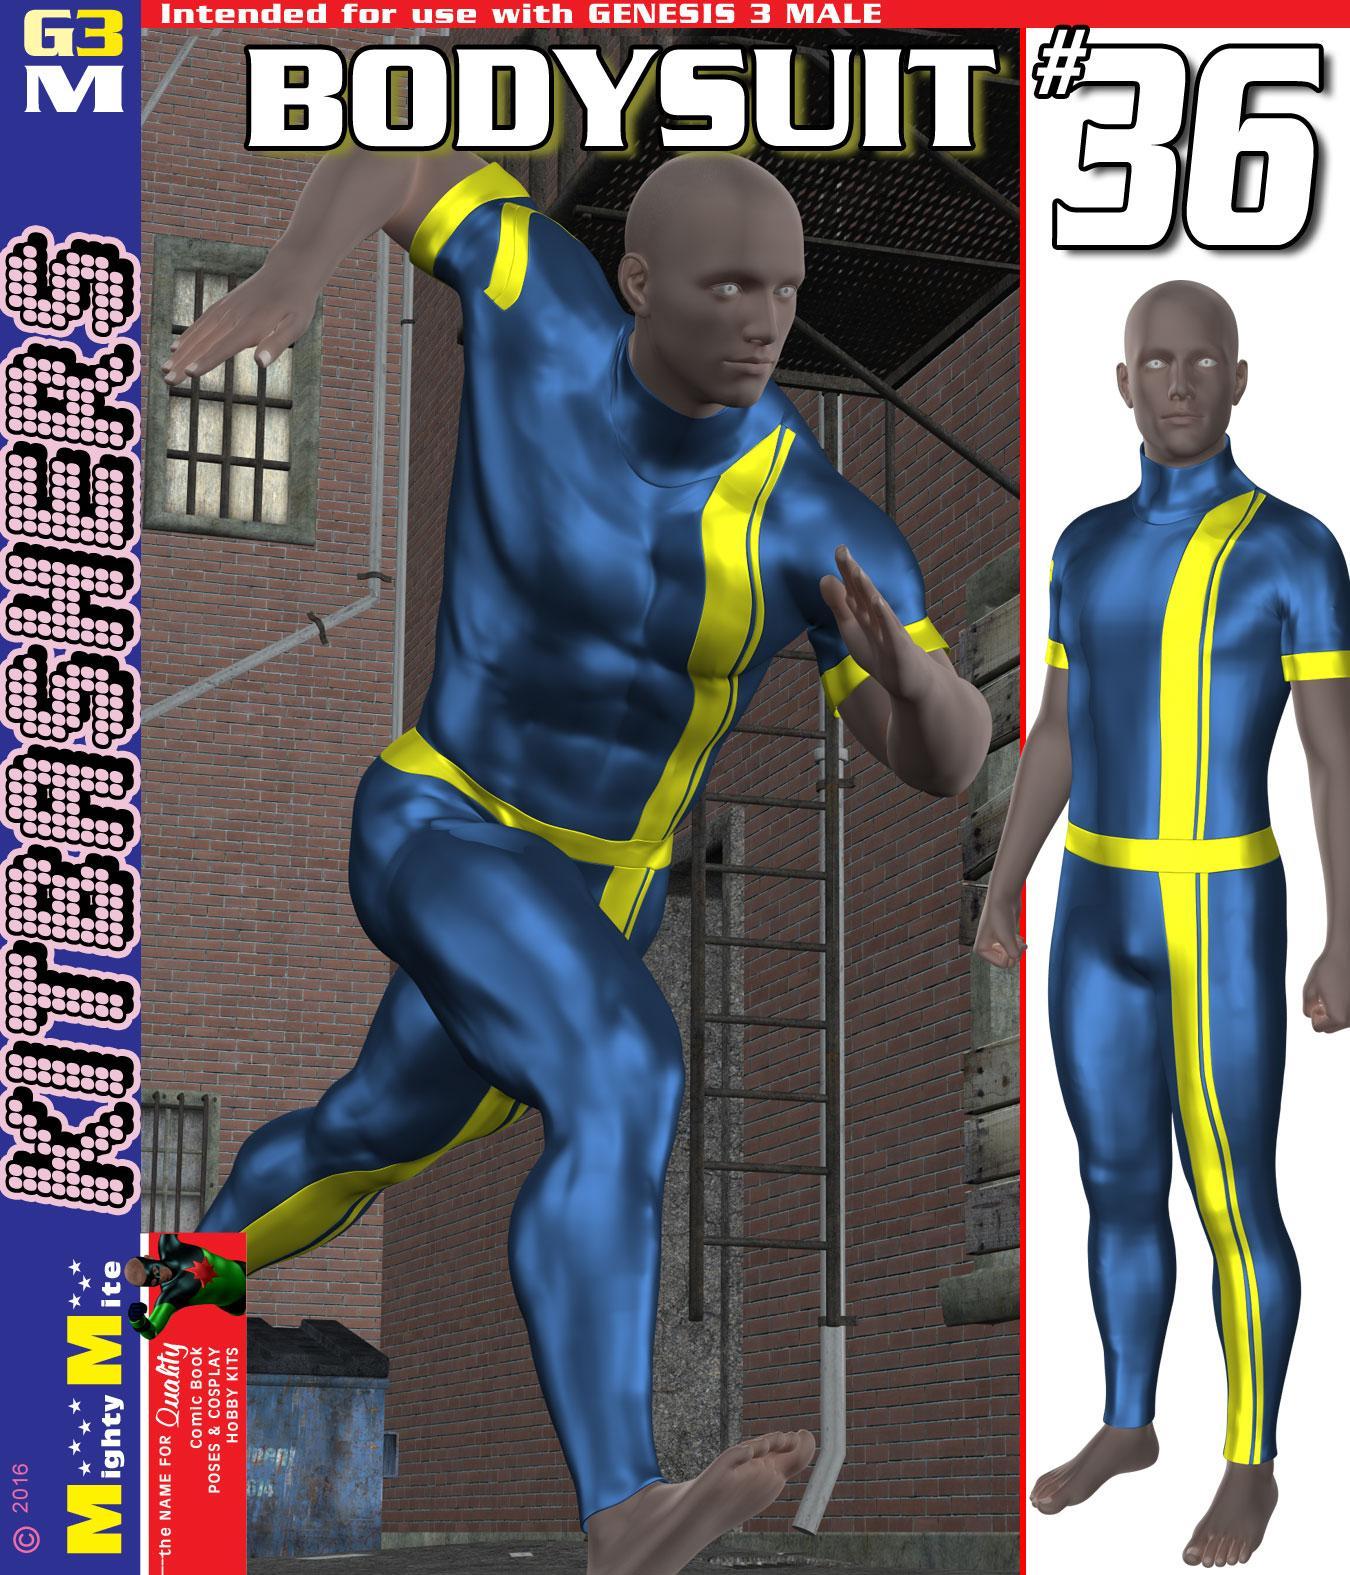 Bodysuit 036 MMKBG3M